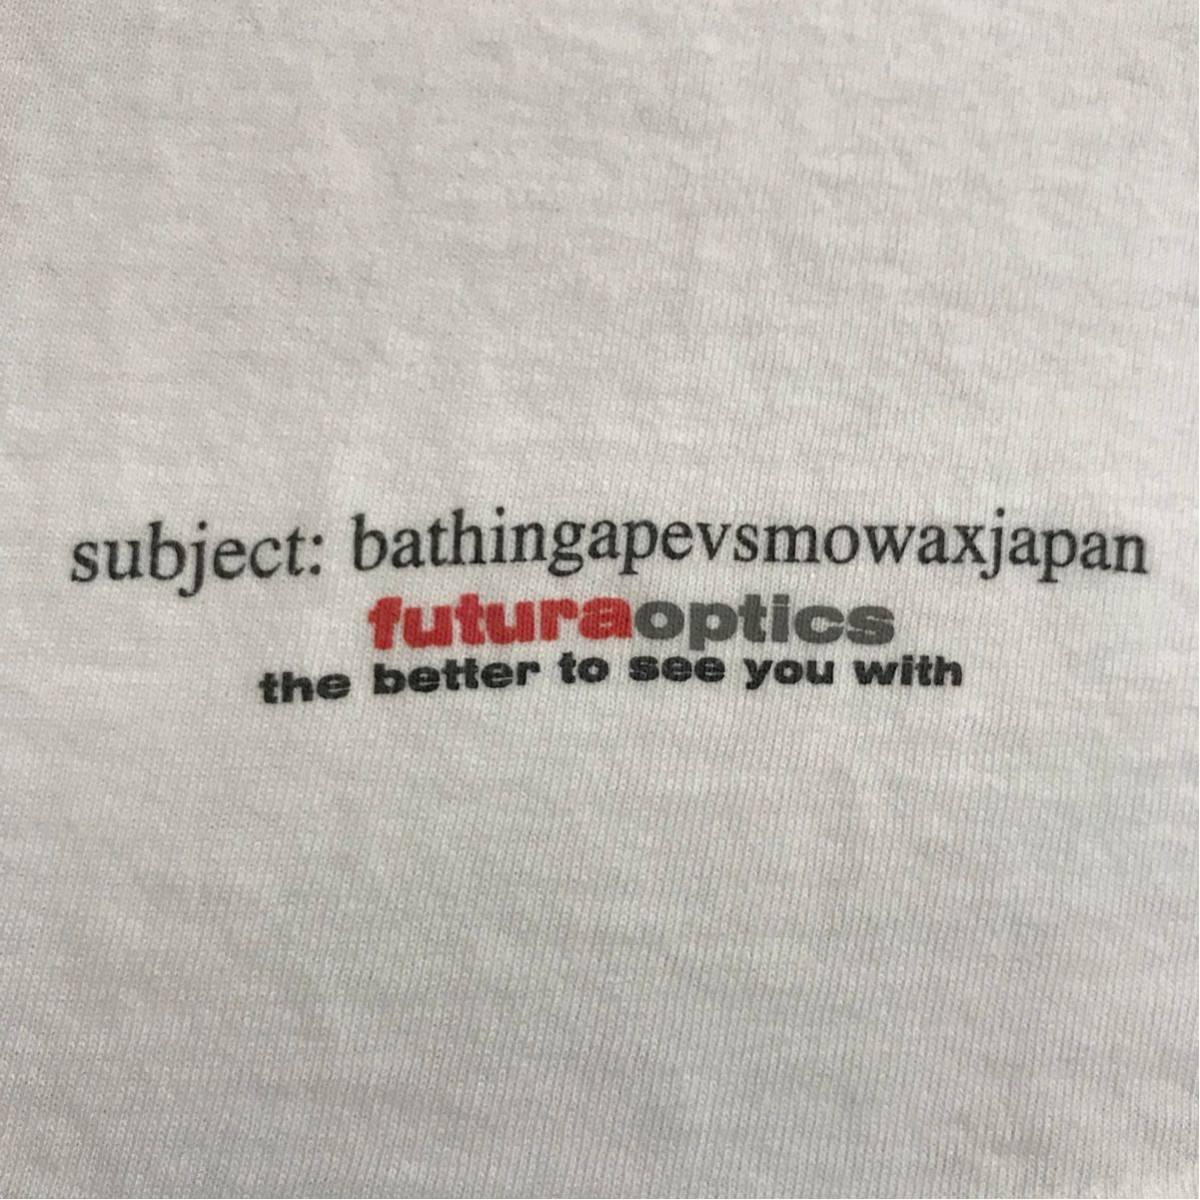 ★激レア★ 初期 futura unkle Tシャツ L anvil a bathing ape bape ベイプ 90s オールド ビンテージ stash oneita nowhere 裏原宿 kaws_画像5